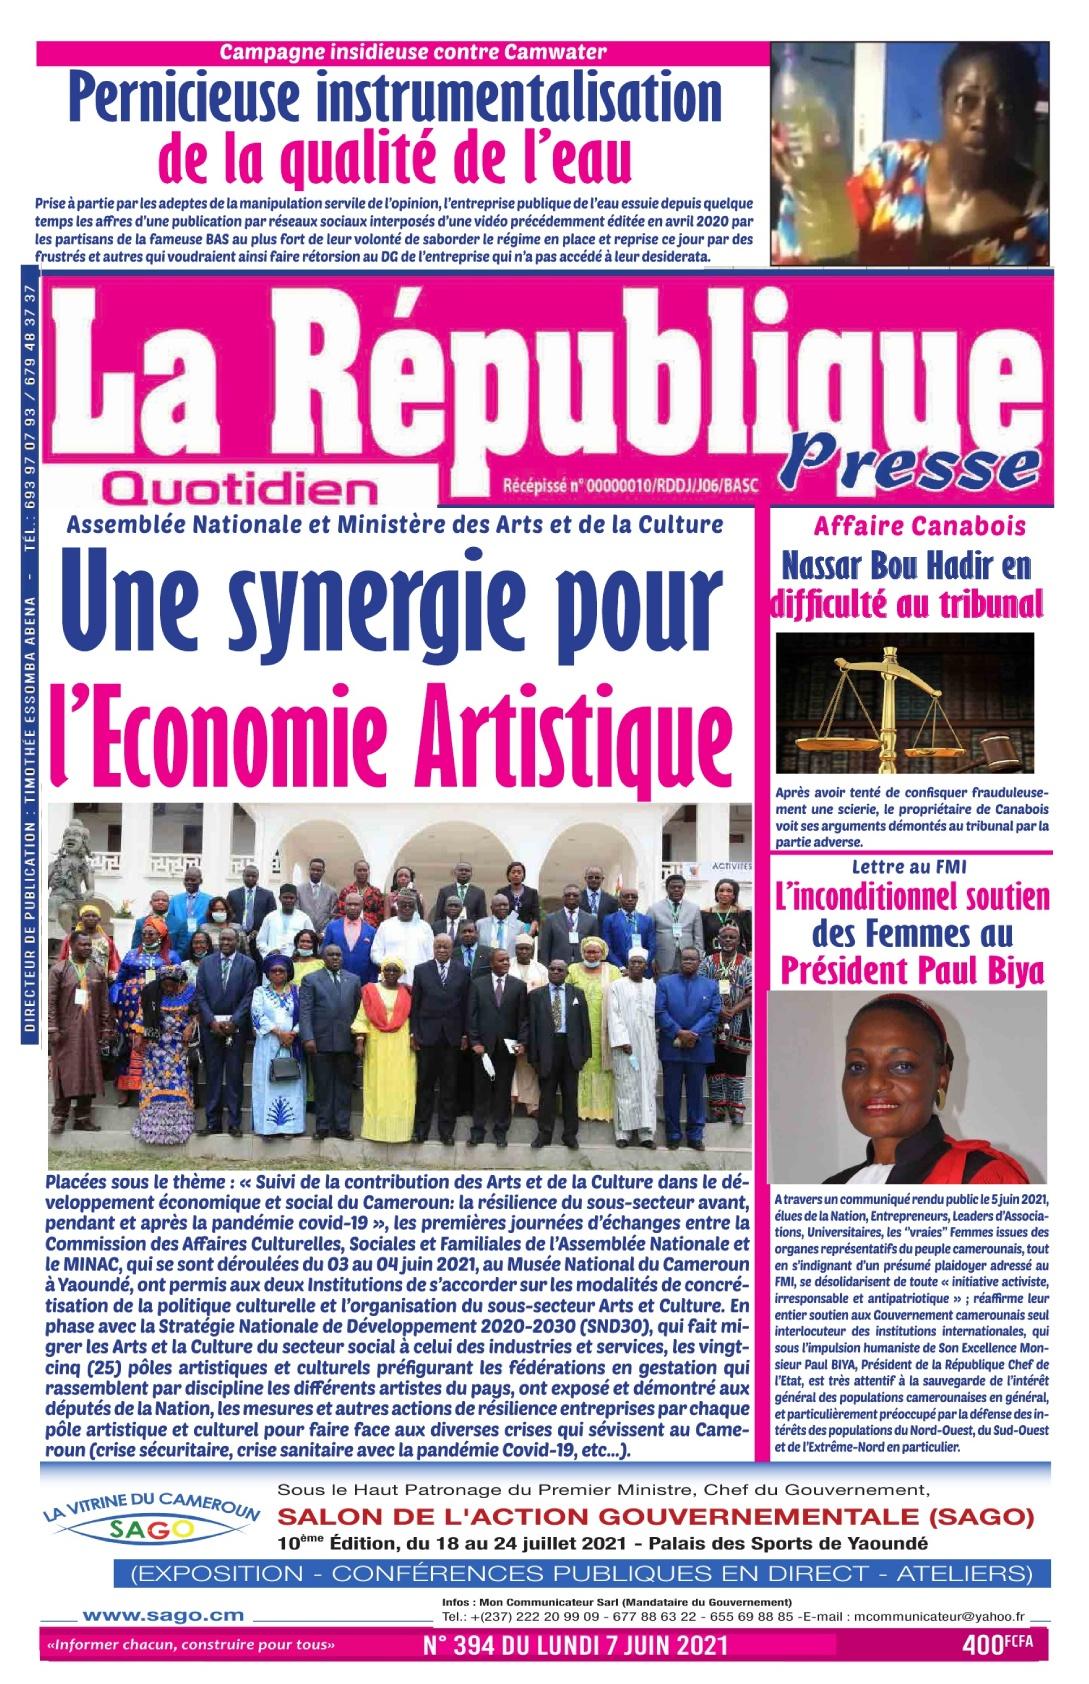 LA REPUBLIQUE PRESSE - 07/06/2021